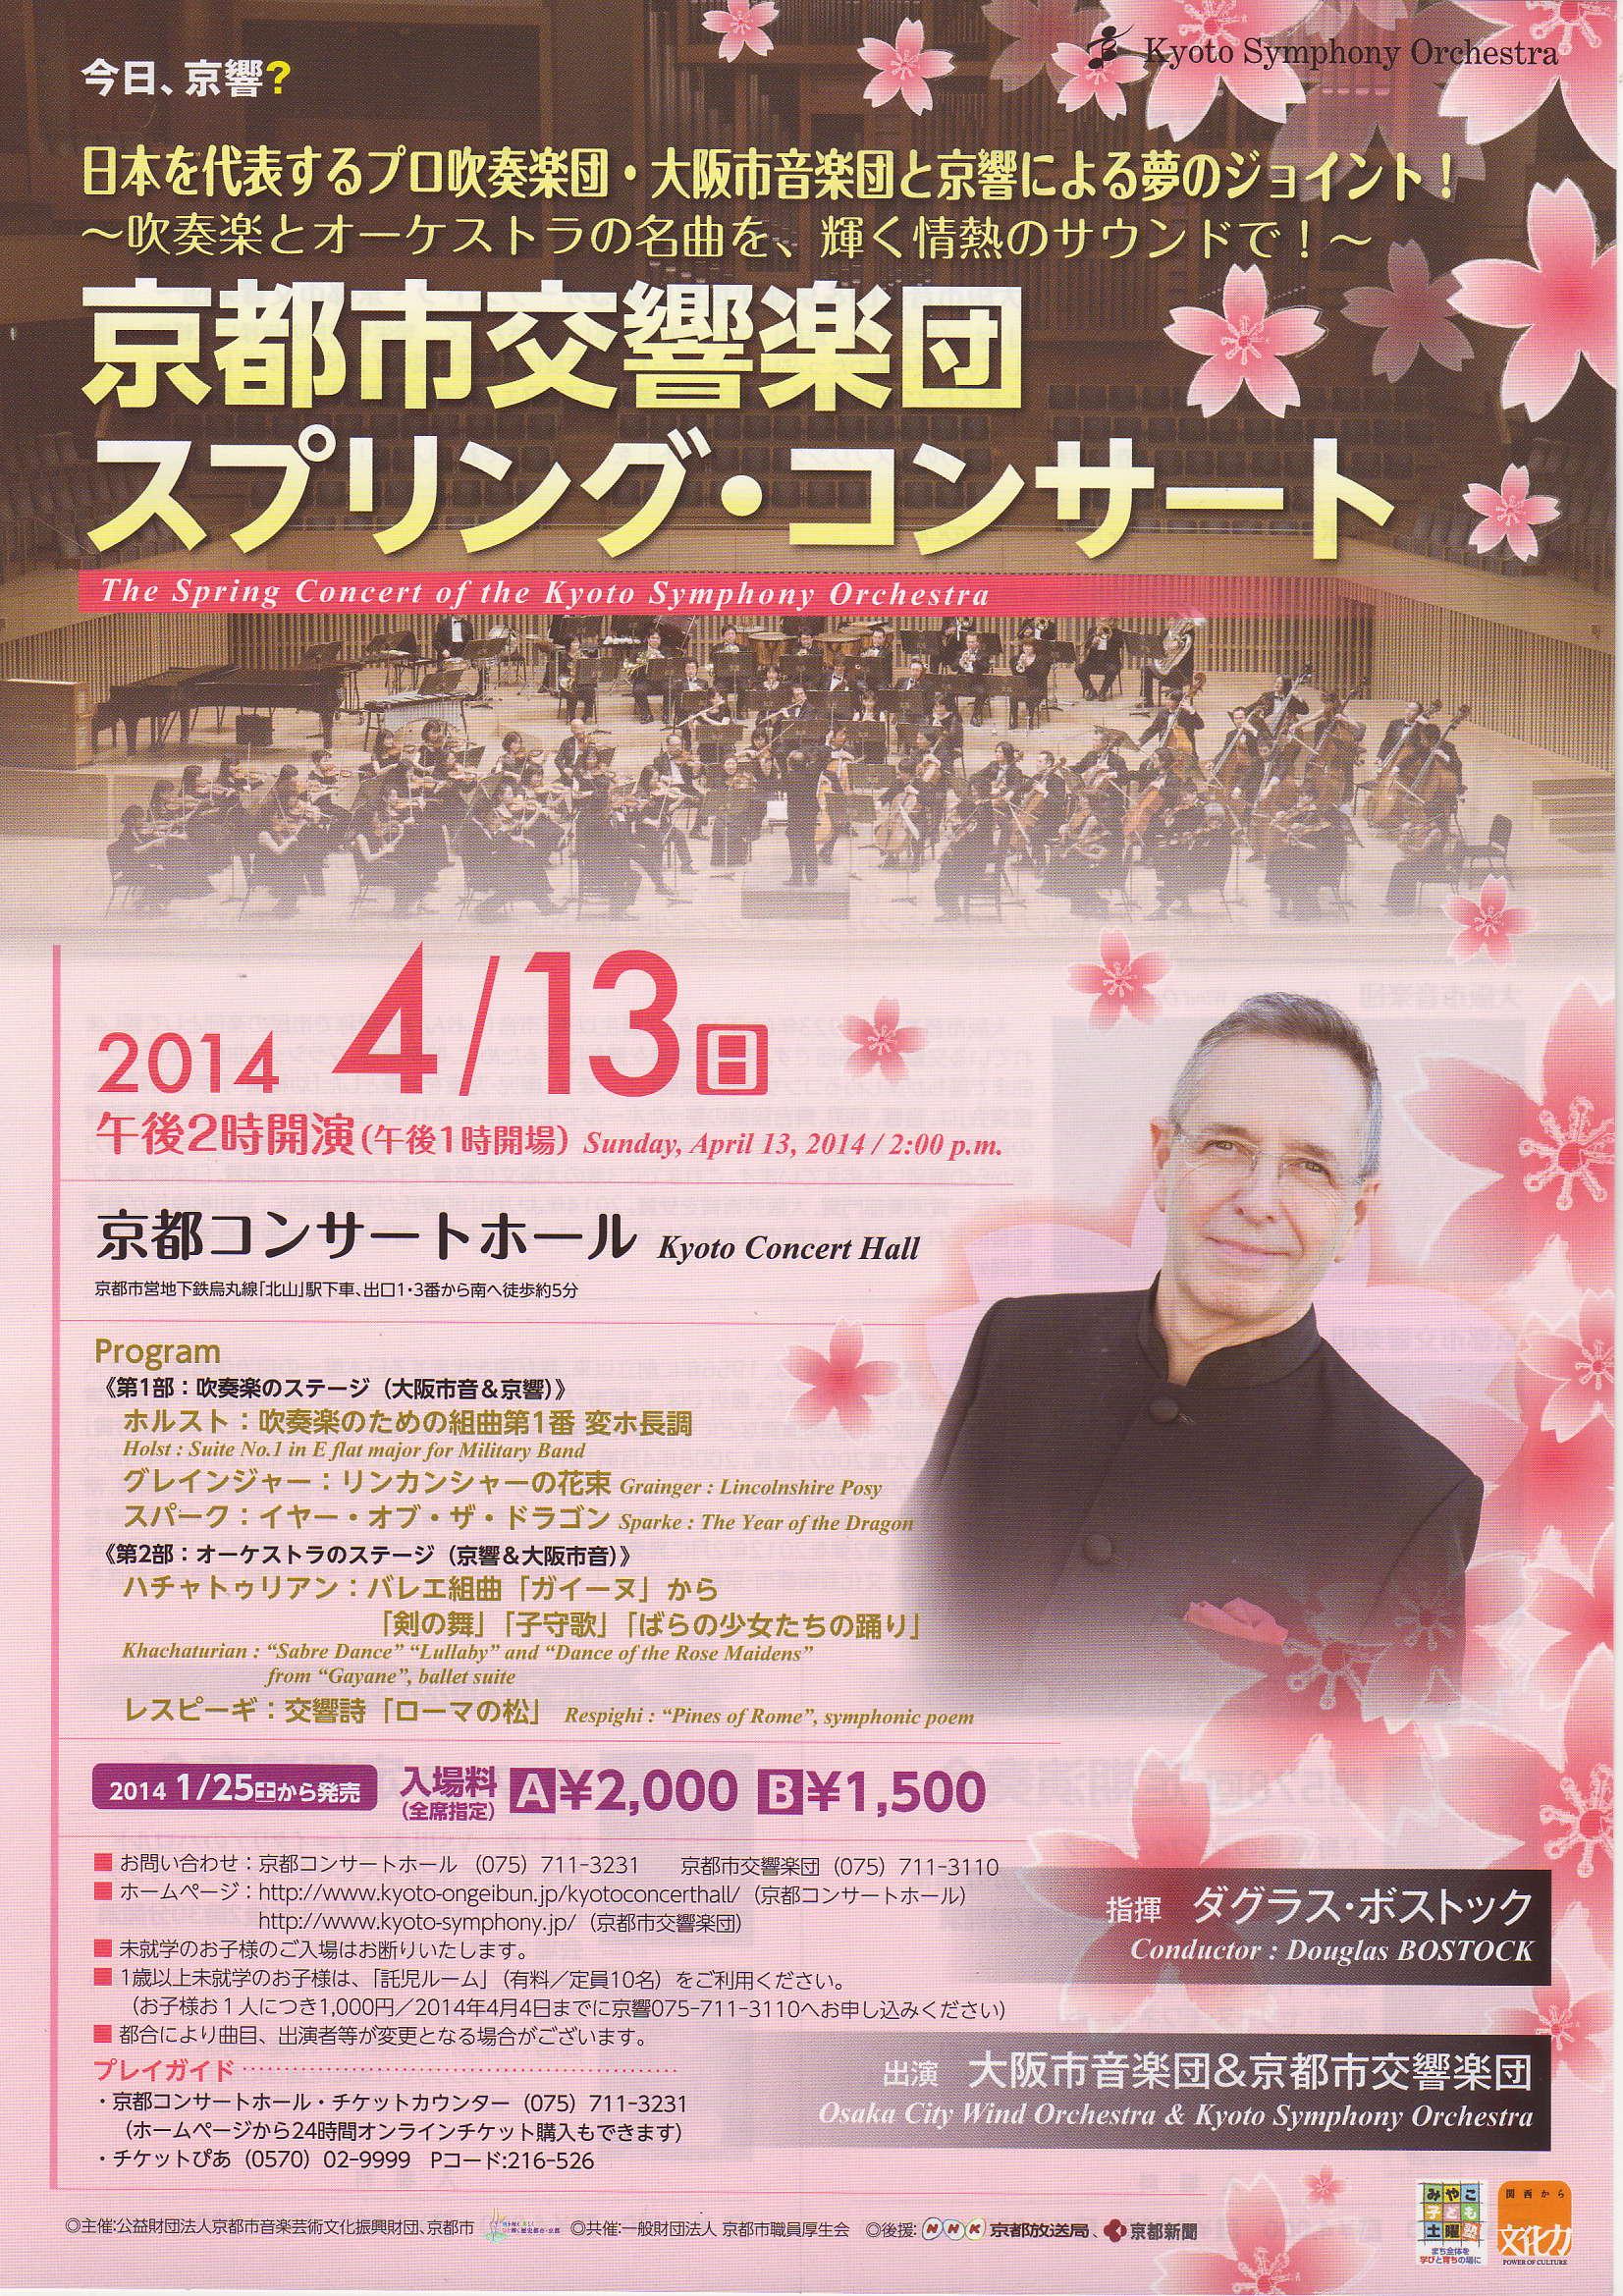 大阪市音楽団×京響